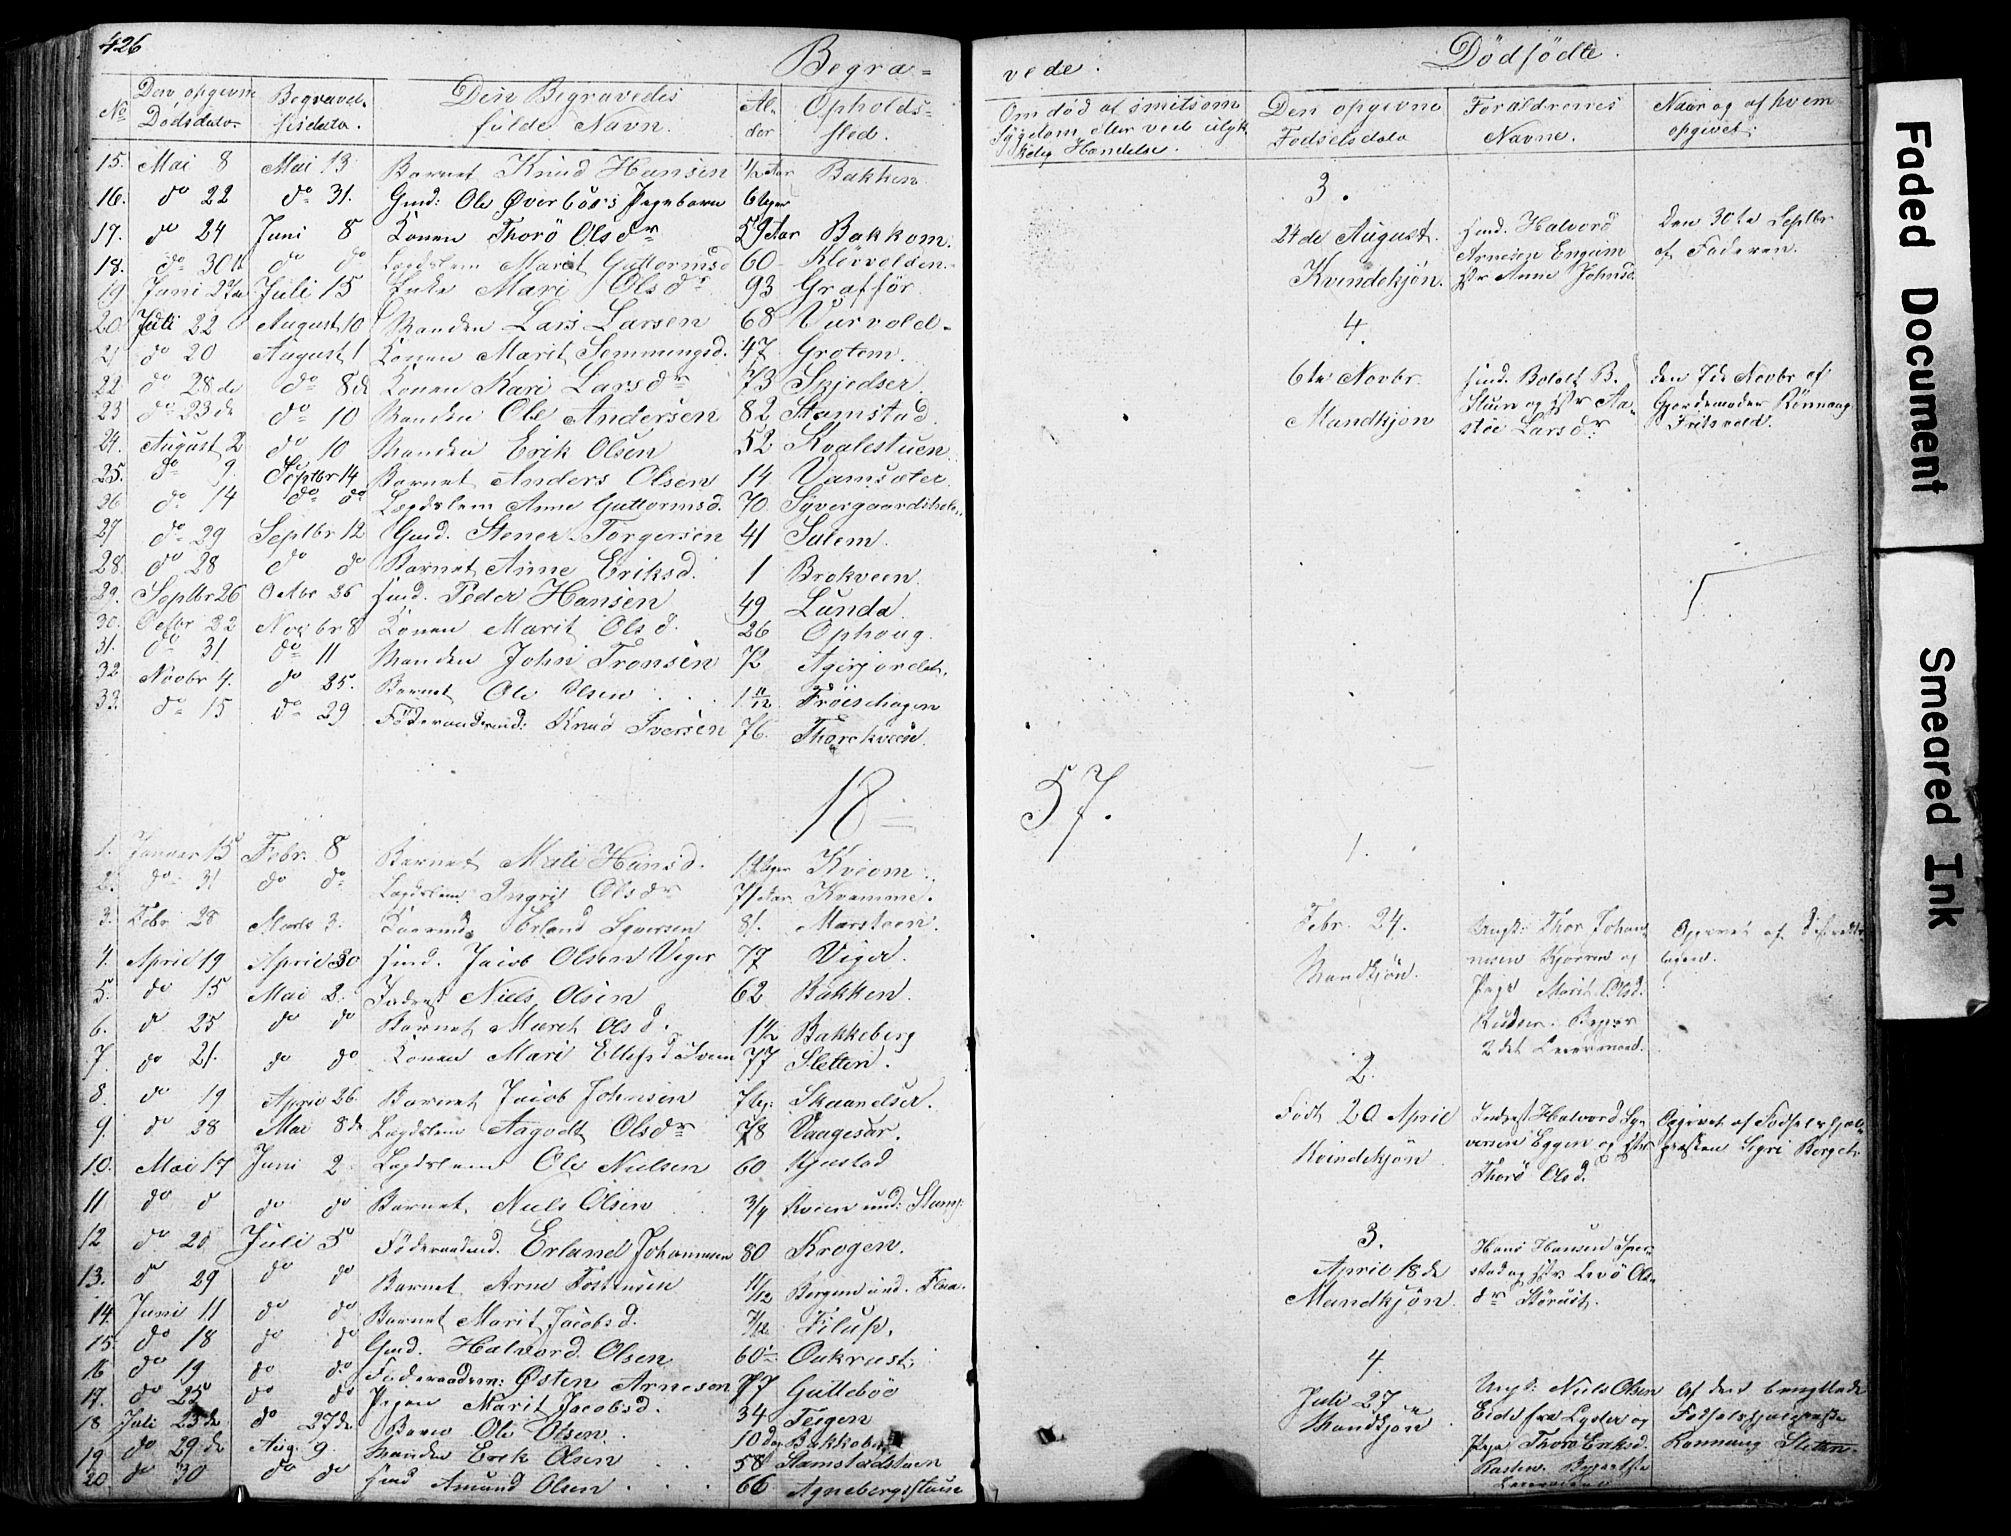 SAH, Lom prestekontor, L/L0012: Klokkerbok nr. 12, 1845-1873, s. 426-427